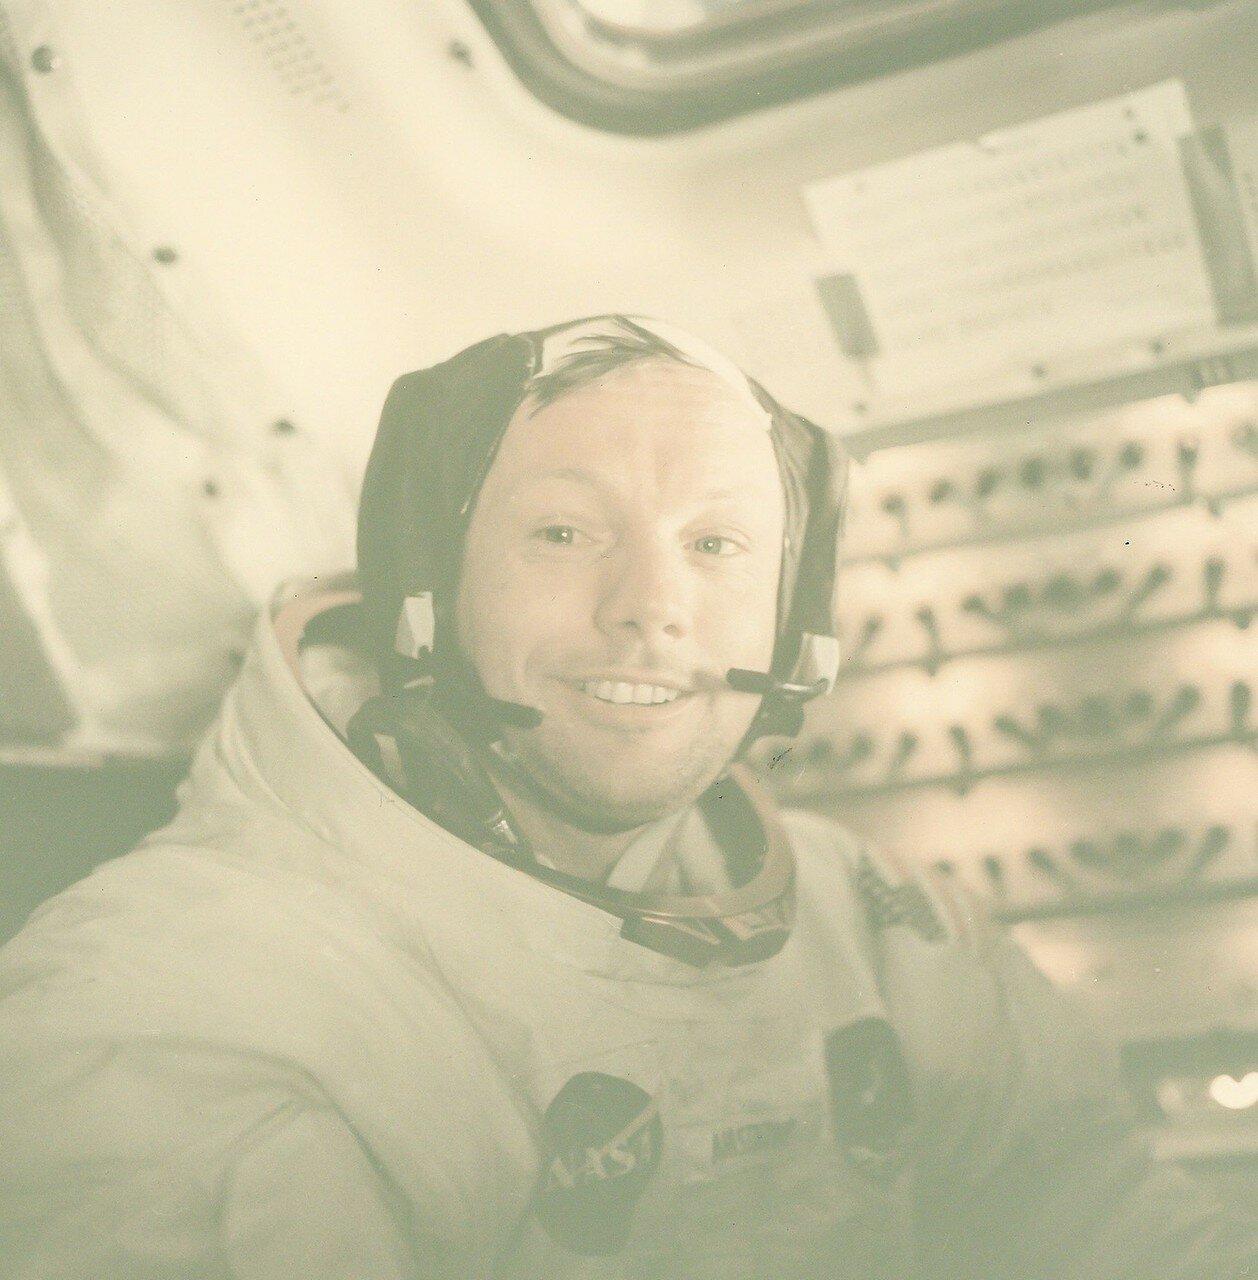 Ответив на ряд вопросов специалистов на Земле, Армстронг и Олдрин прибрались в кабине и стали укладываться спать. На снимке: Портрет Нила Армстронга после его исторической прогулки по Луне